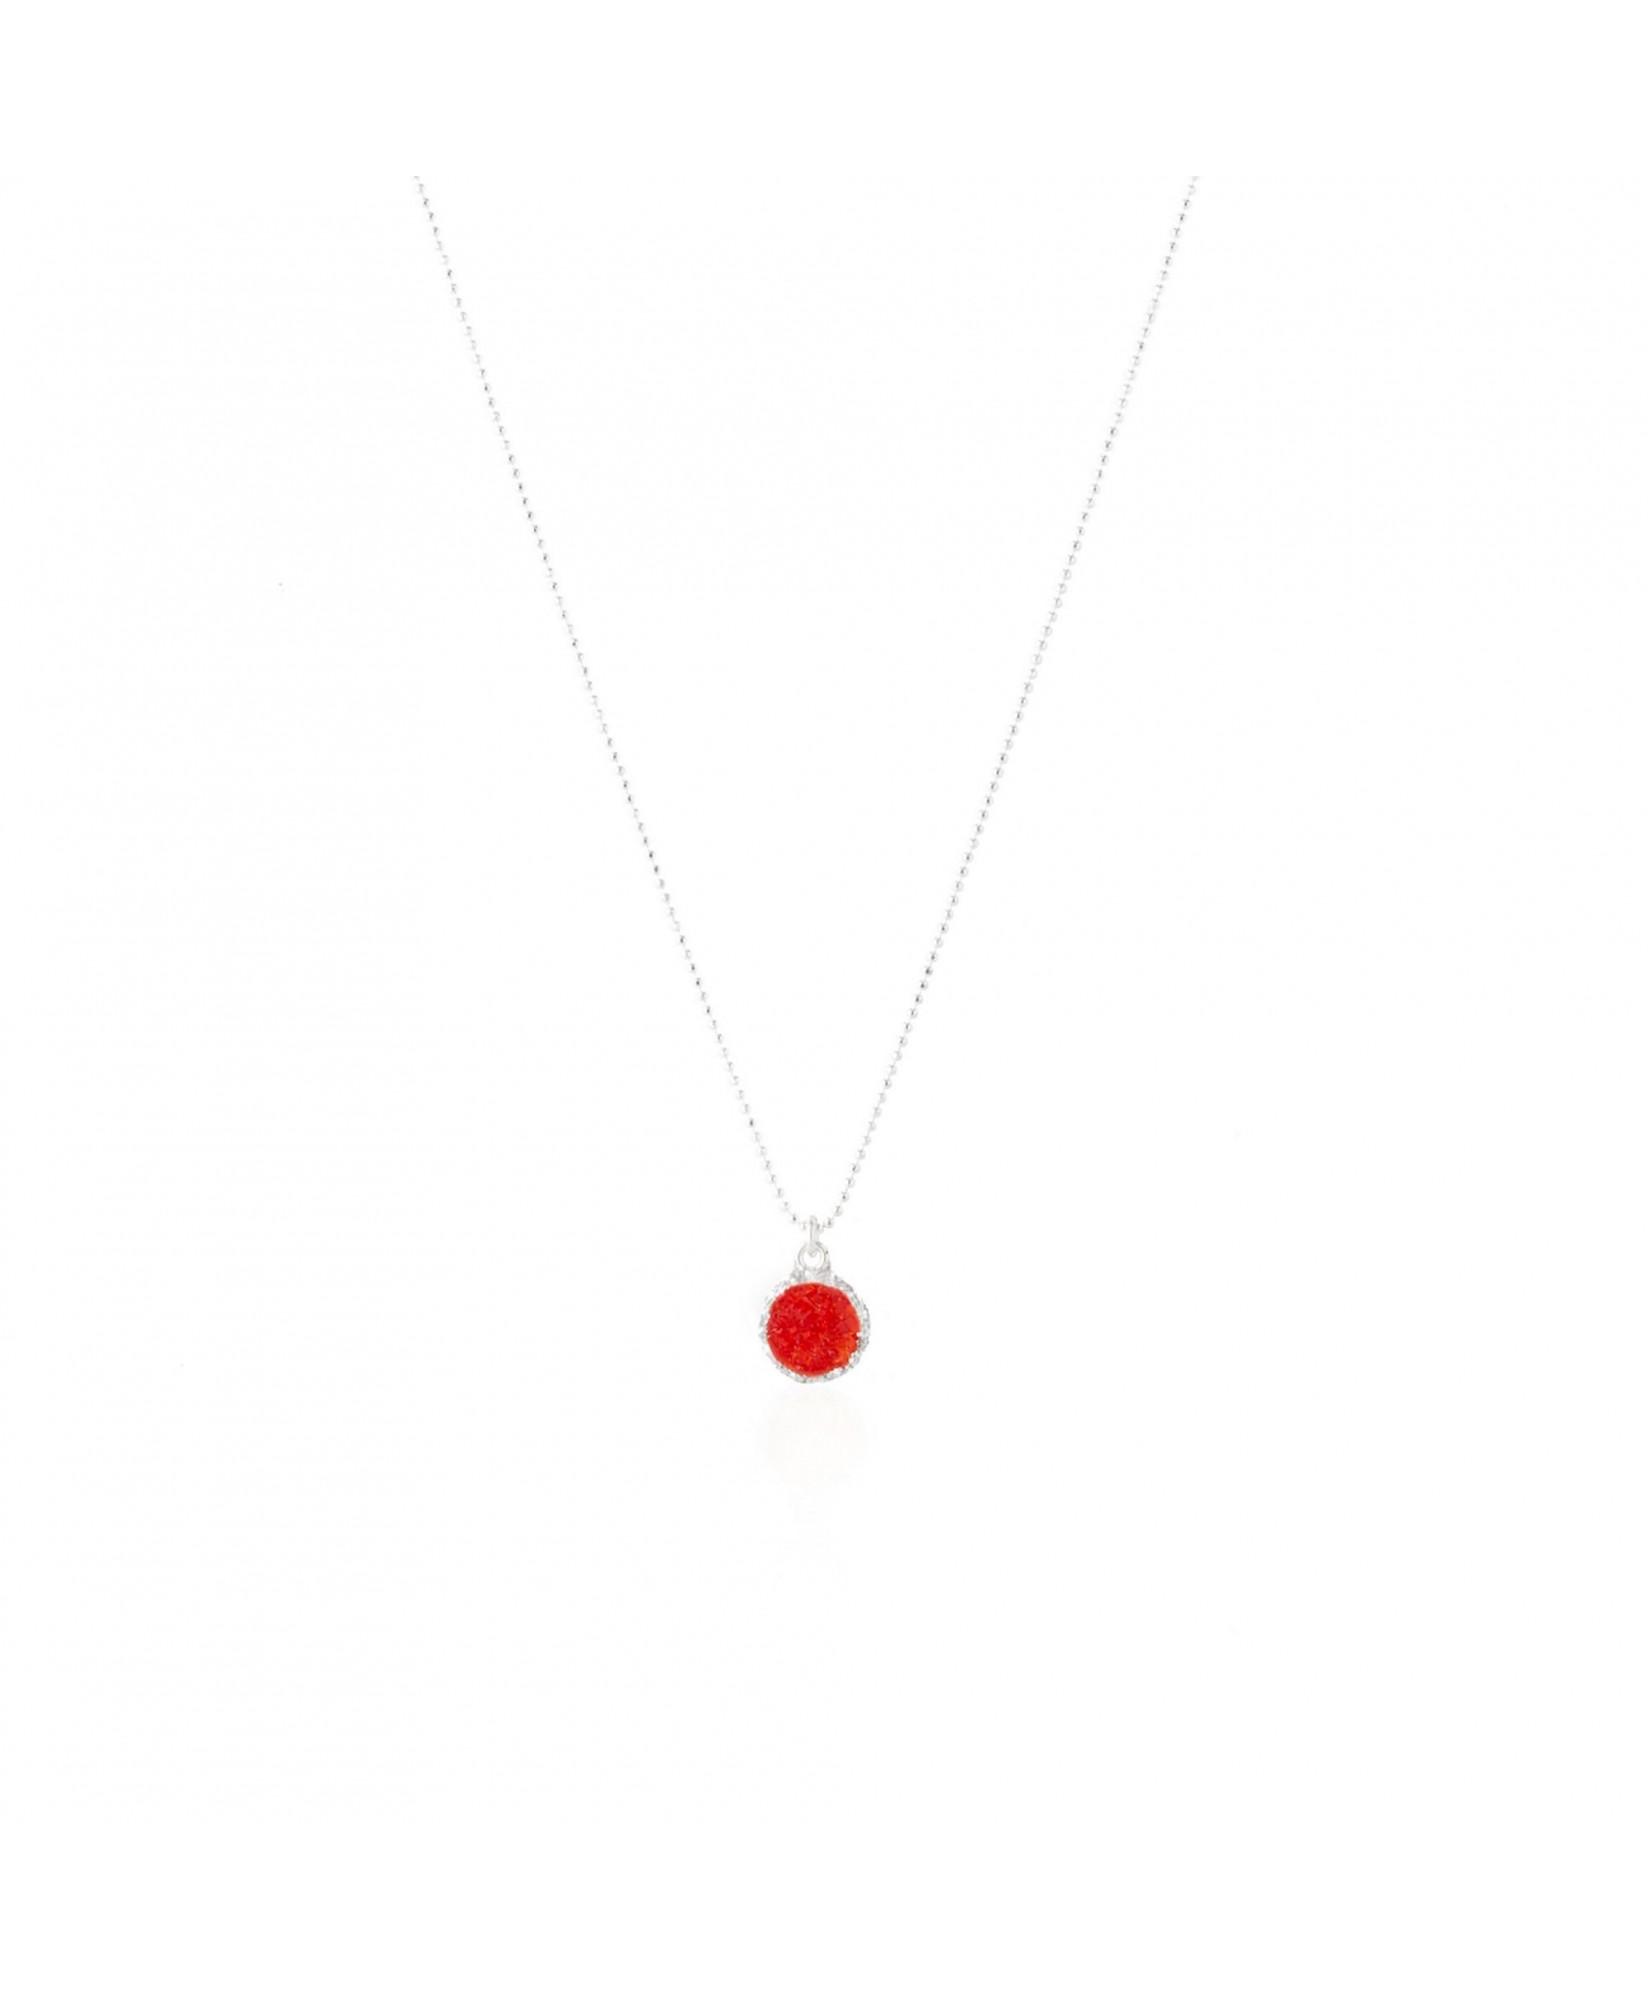 Gargantilla de plata con colgante redondo Love con nácar rojo Gargantilla de plata con colgante redondo Love con nácar rojo